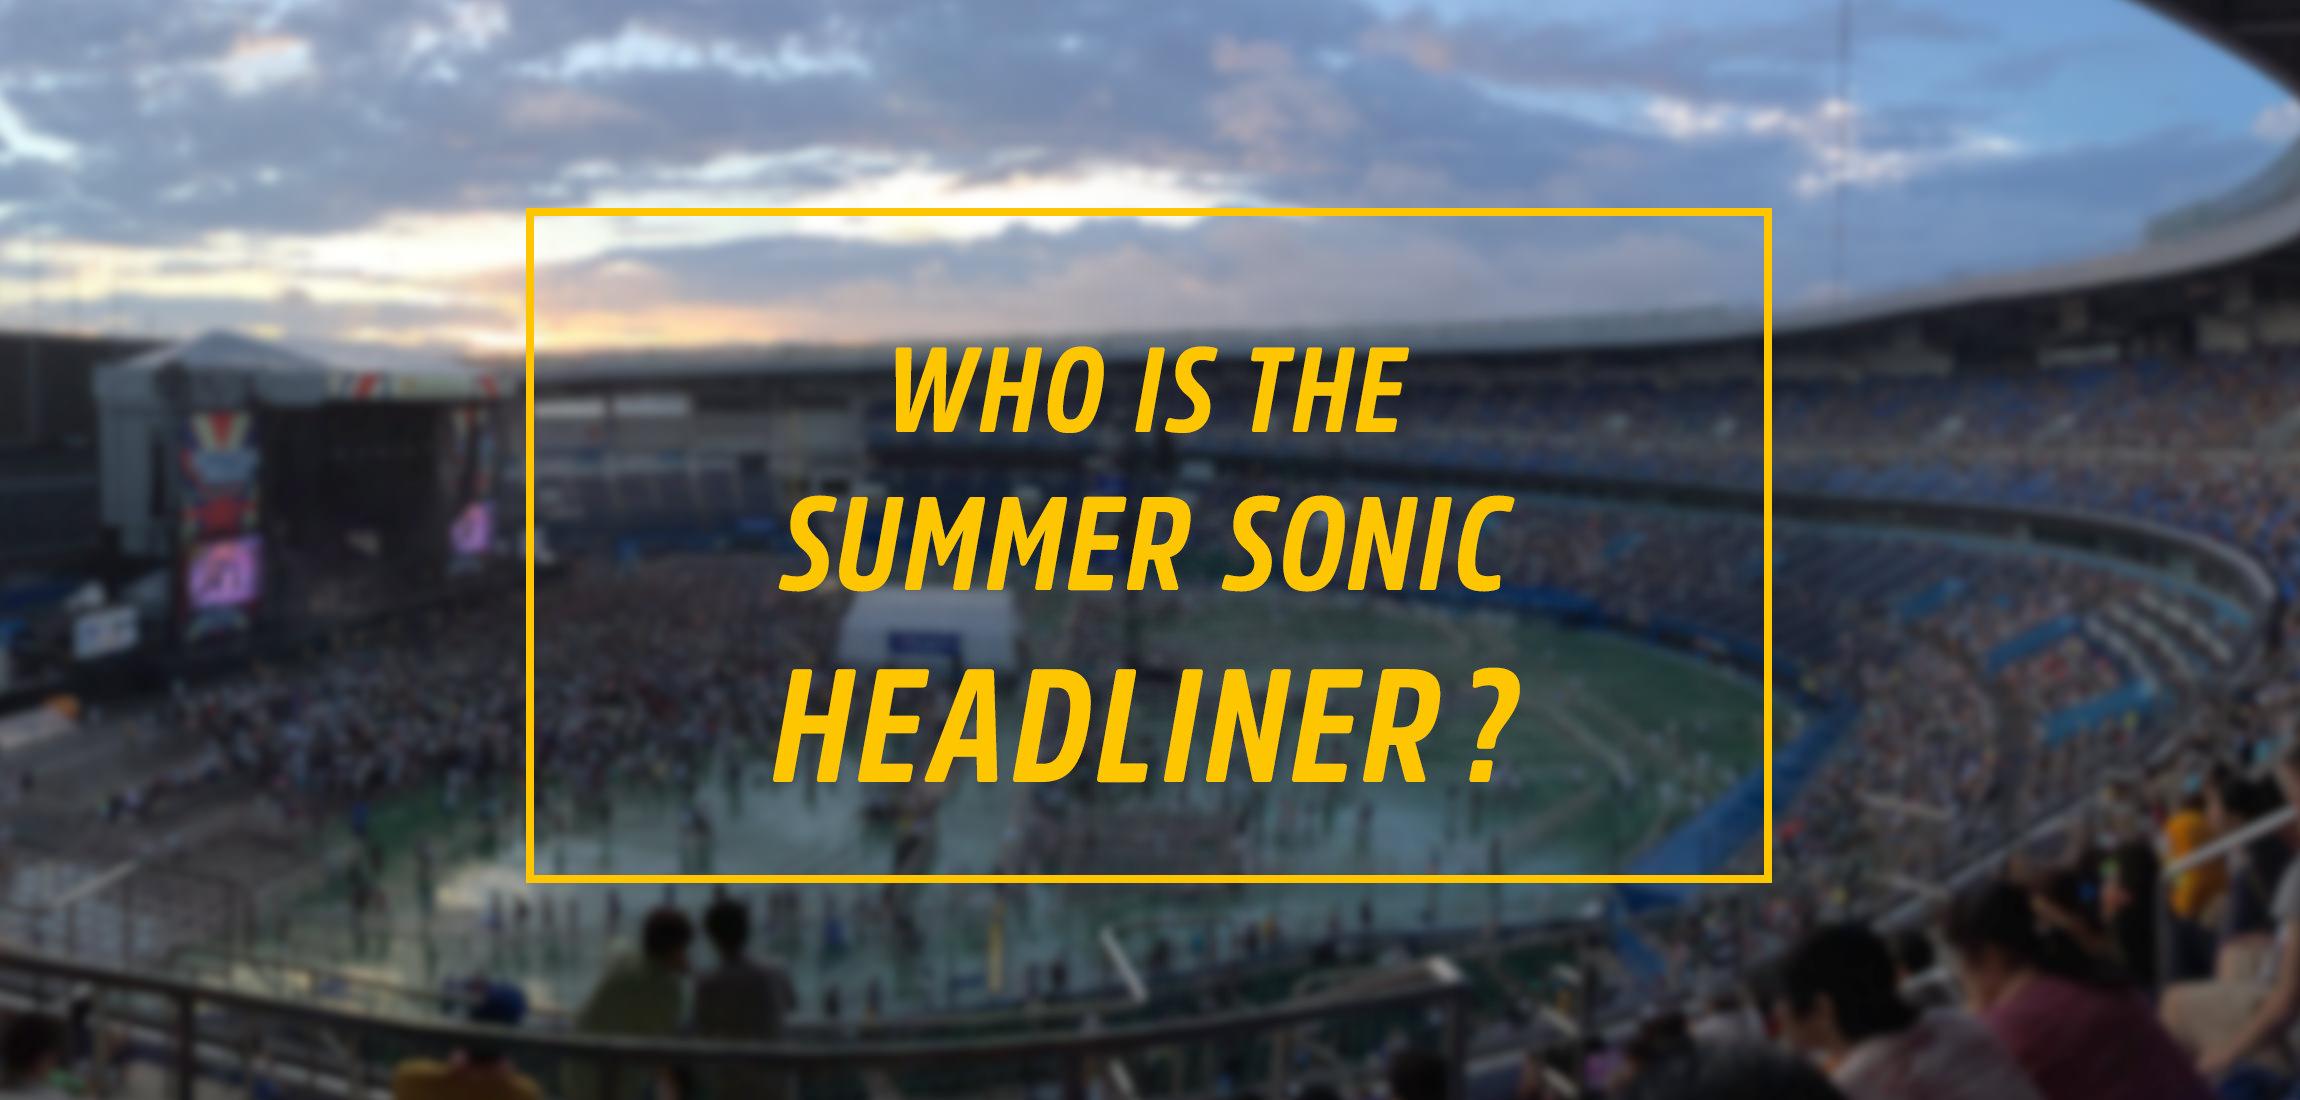 ガンズ?エックス?アデル?SUMMER SONIC 2016のヘッドライナーを予想してみた!